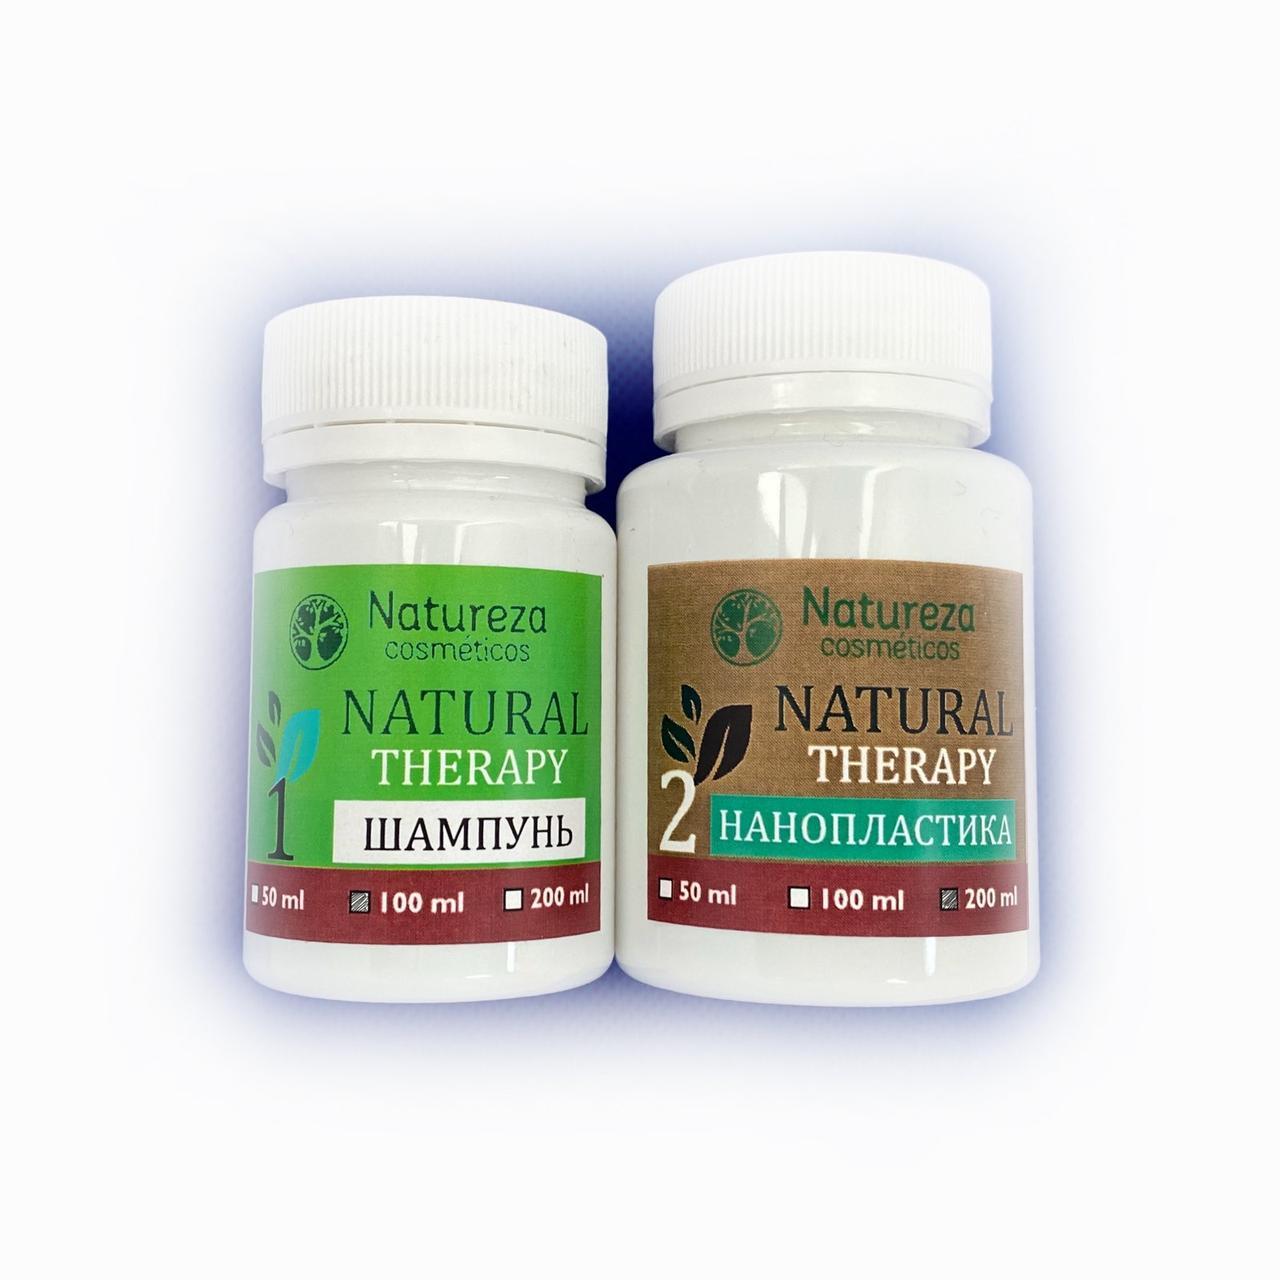 Нанопластика Natureza Natural Therapy Escova de Biotina, набор 100/200 мл